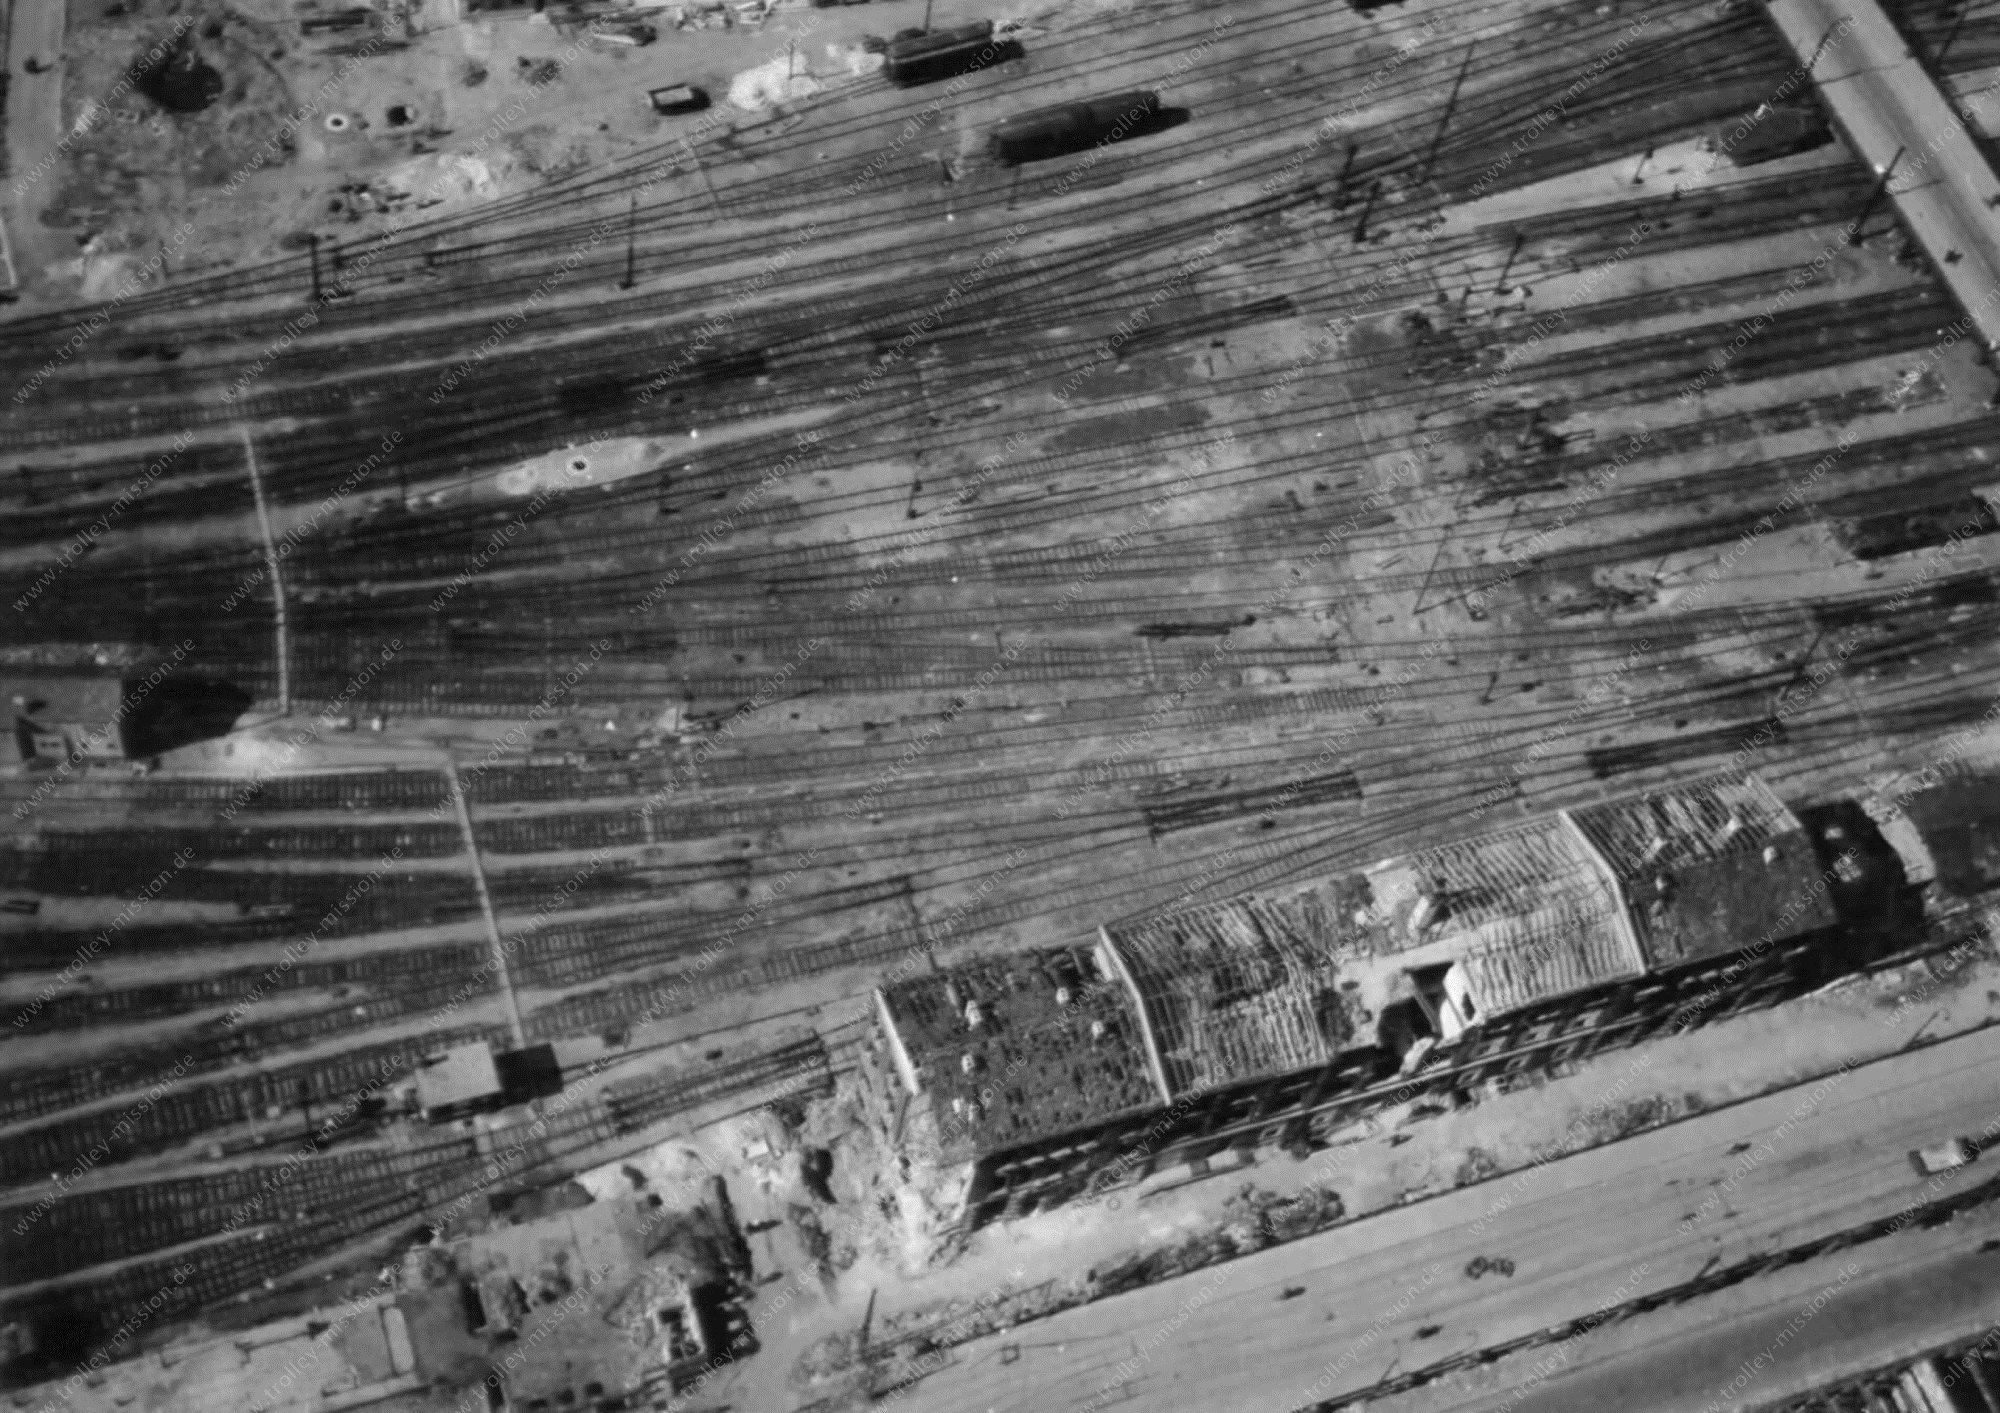 Luftbild der Jägerstraße kurz vor dem alten Kopfbahnhof bzw. Hauptbahnhof in Ludwigshafen am Rhein